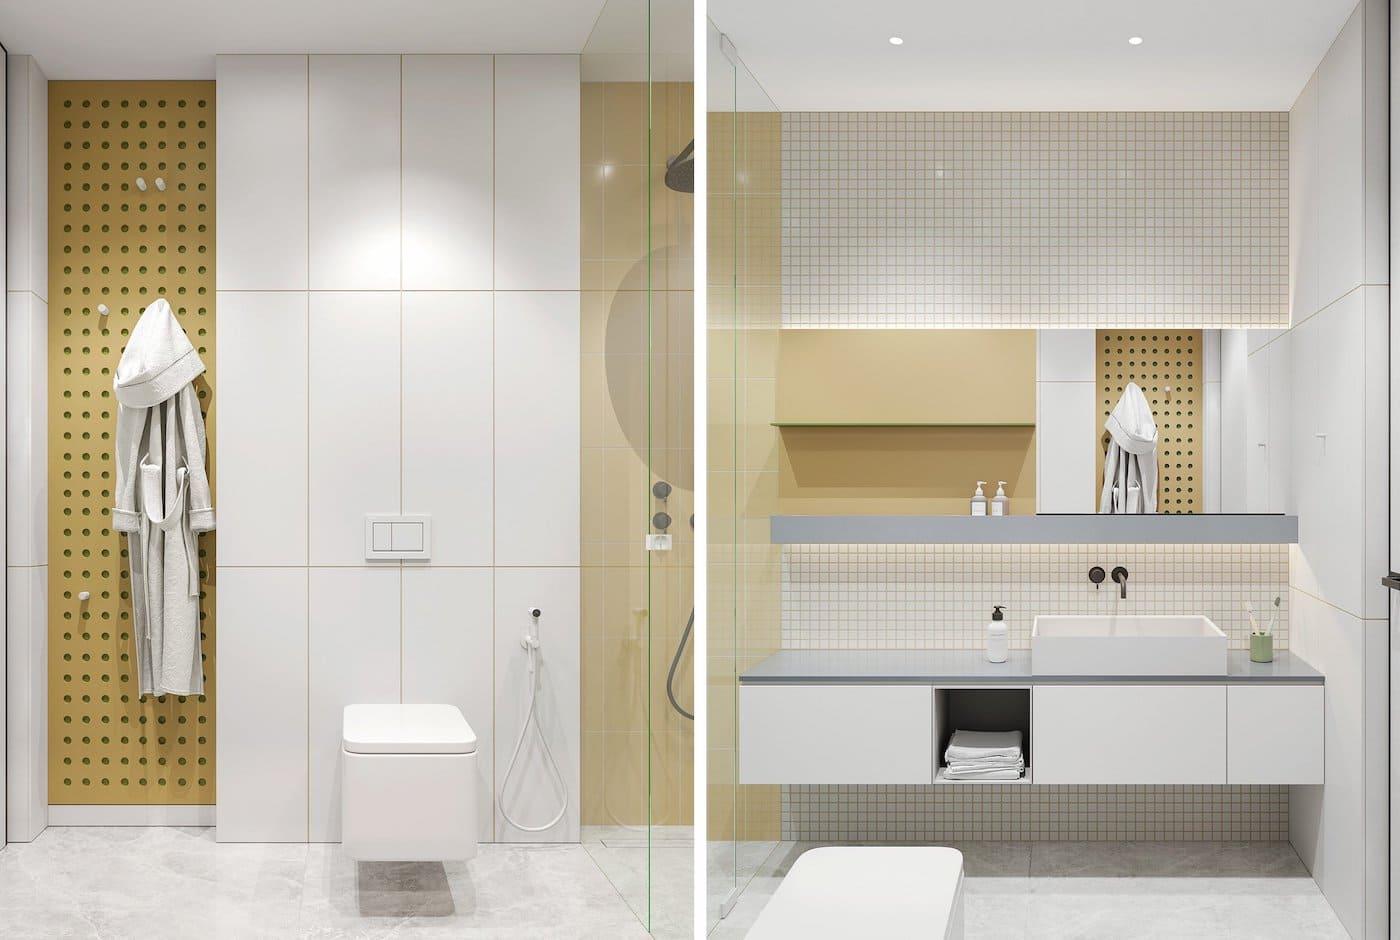 дизайн интерьера ванной комнаты фото 61